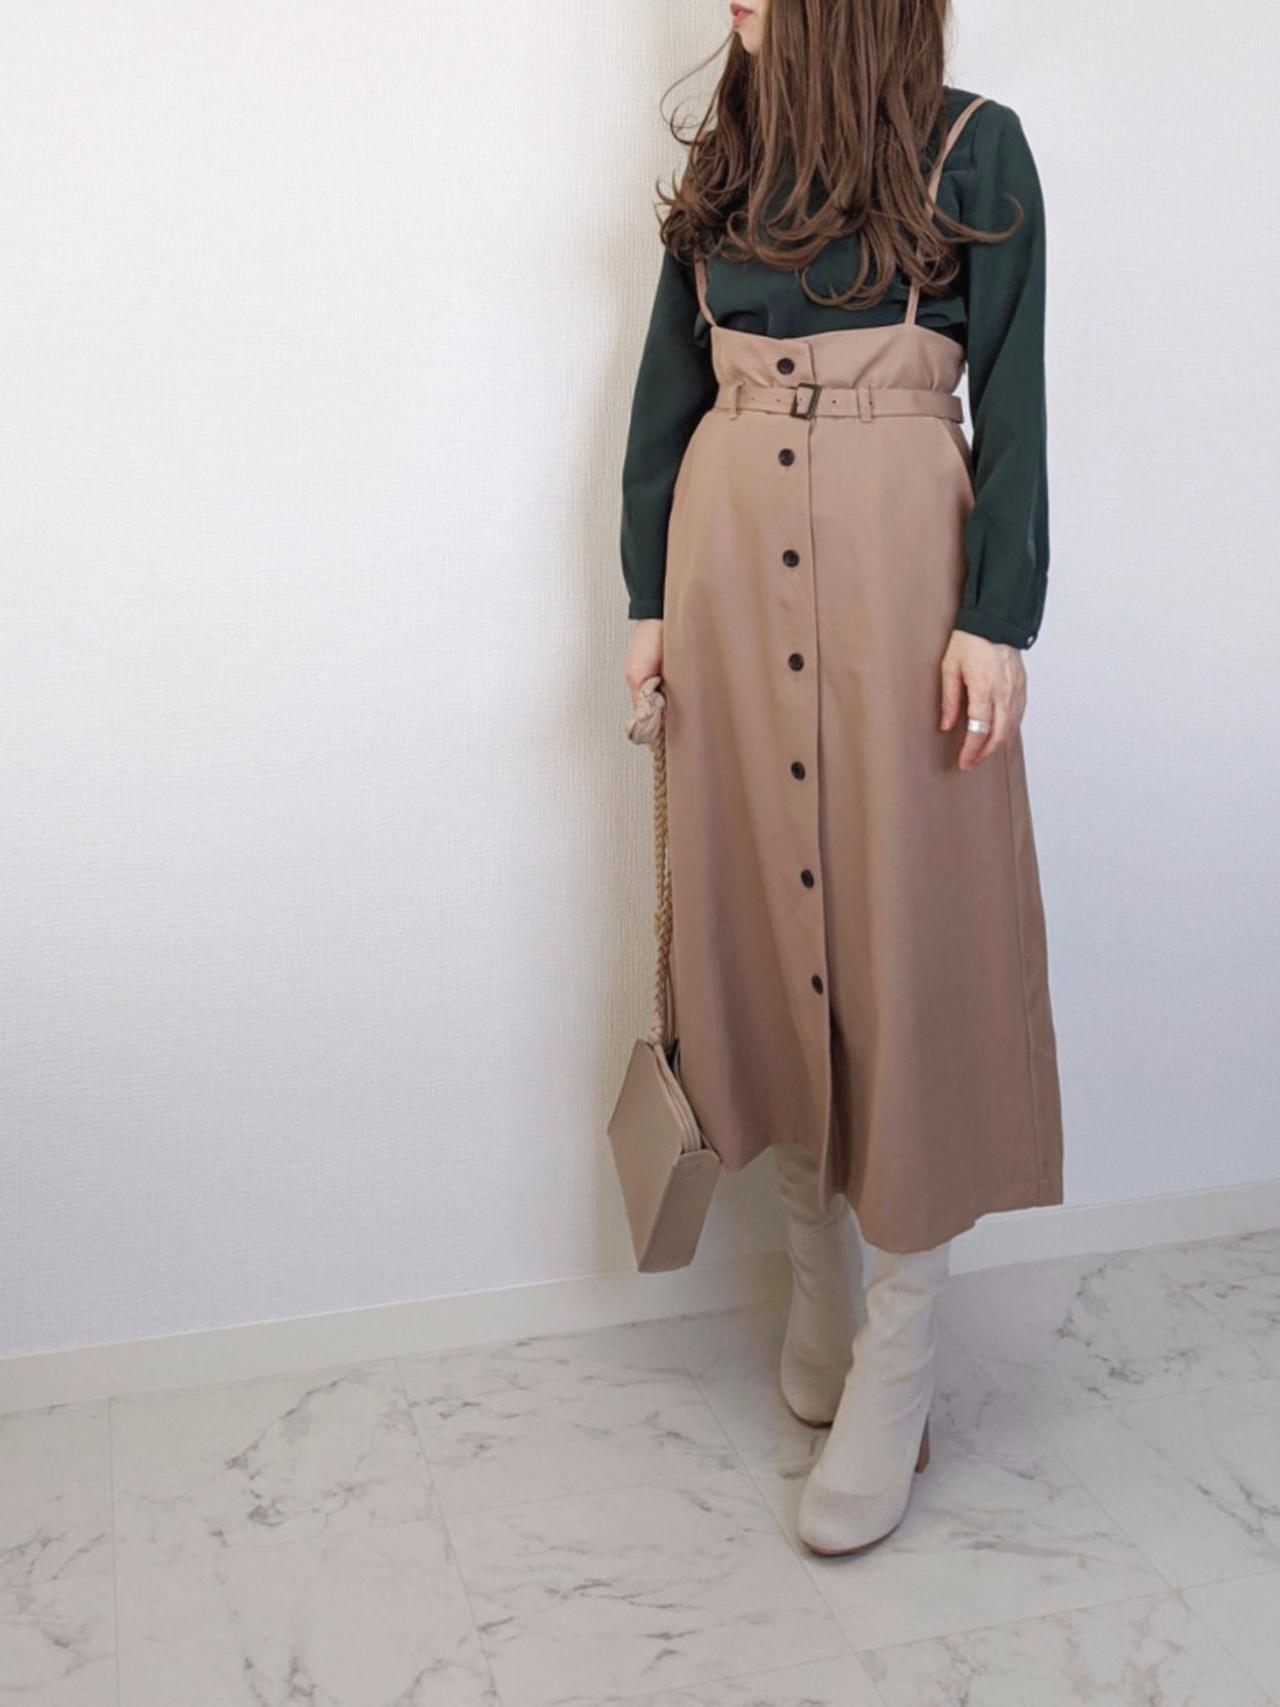 画像: 【Honeys】ブラウス¥1,980(税込)ジャンパースカート平均価格¥2000〜 【Fabby fabby】ブーツ¥8,690(税込) 出典:WEAR